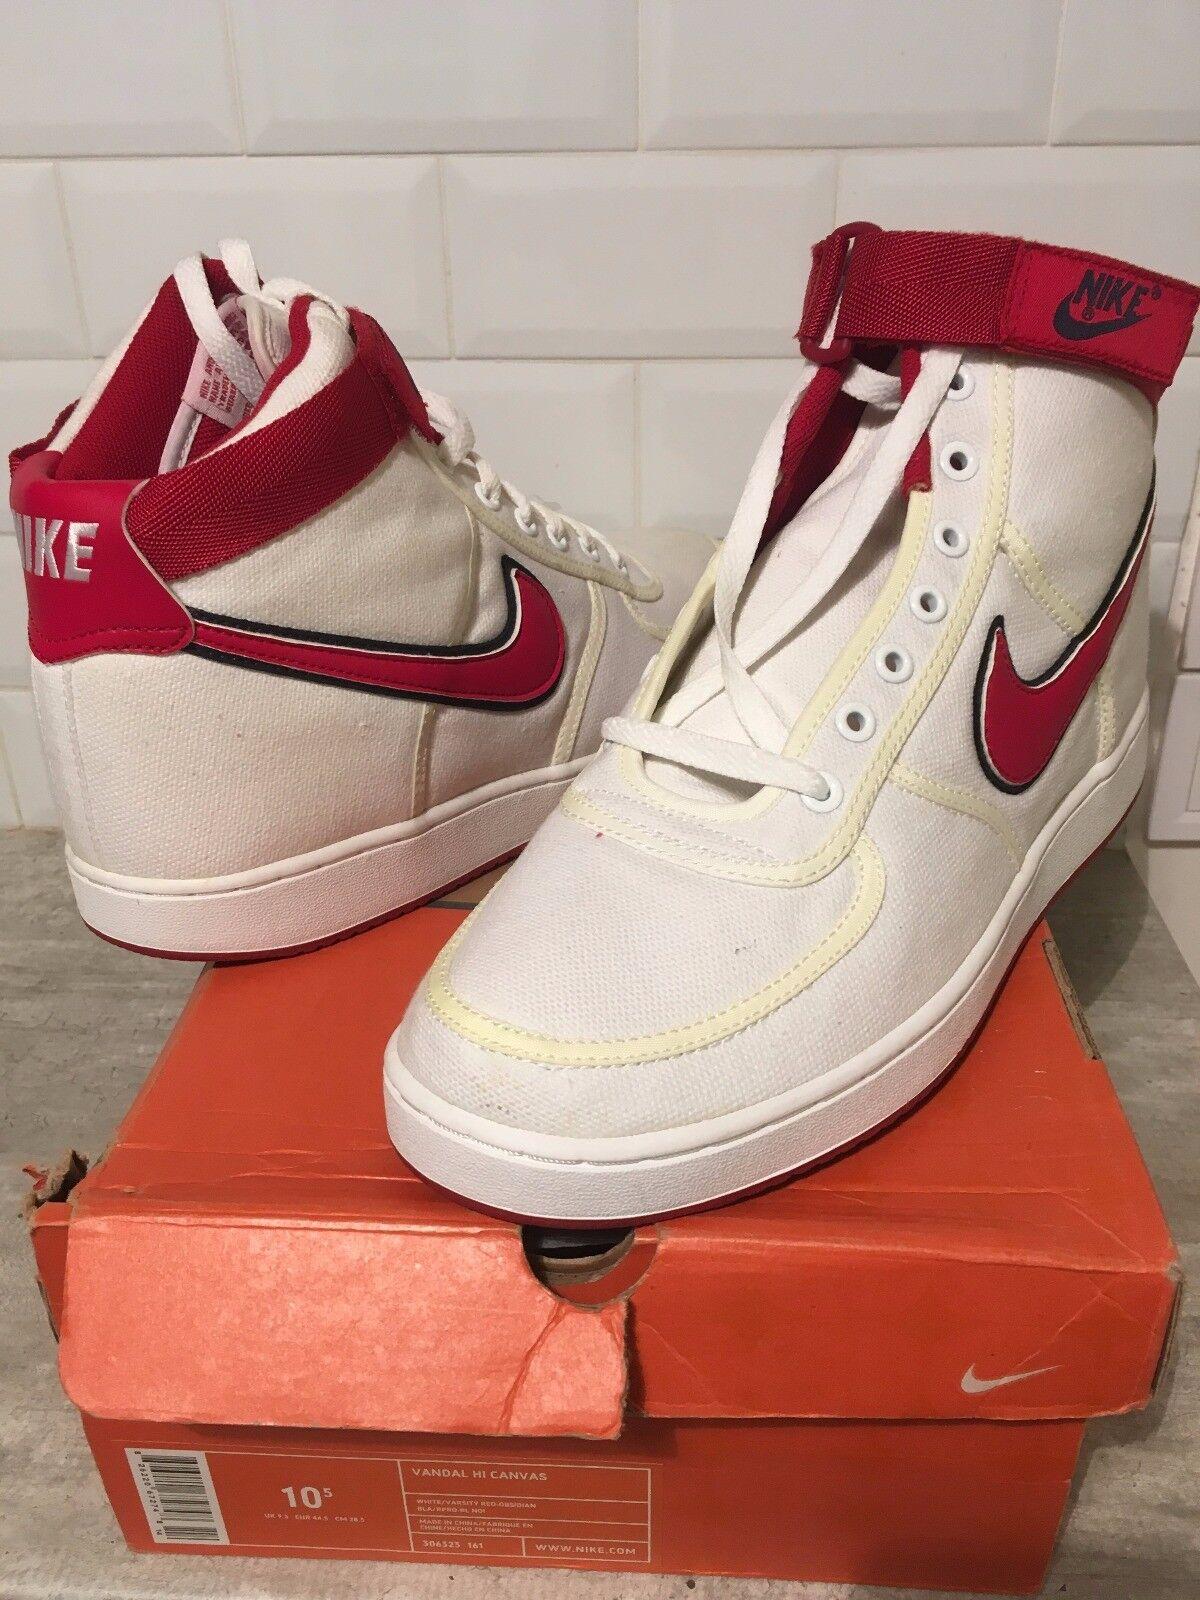 2003 Nike Vandal EUR Supreme 10.5US / 44.5 EUR Vandal d2b9fa